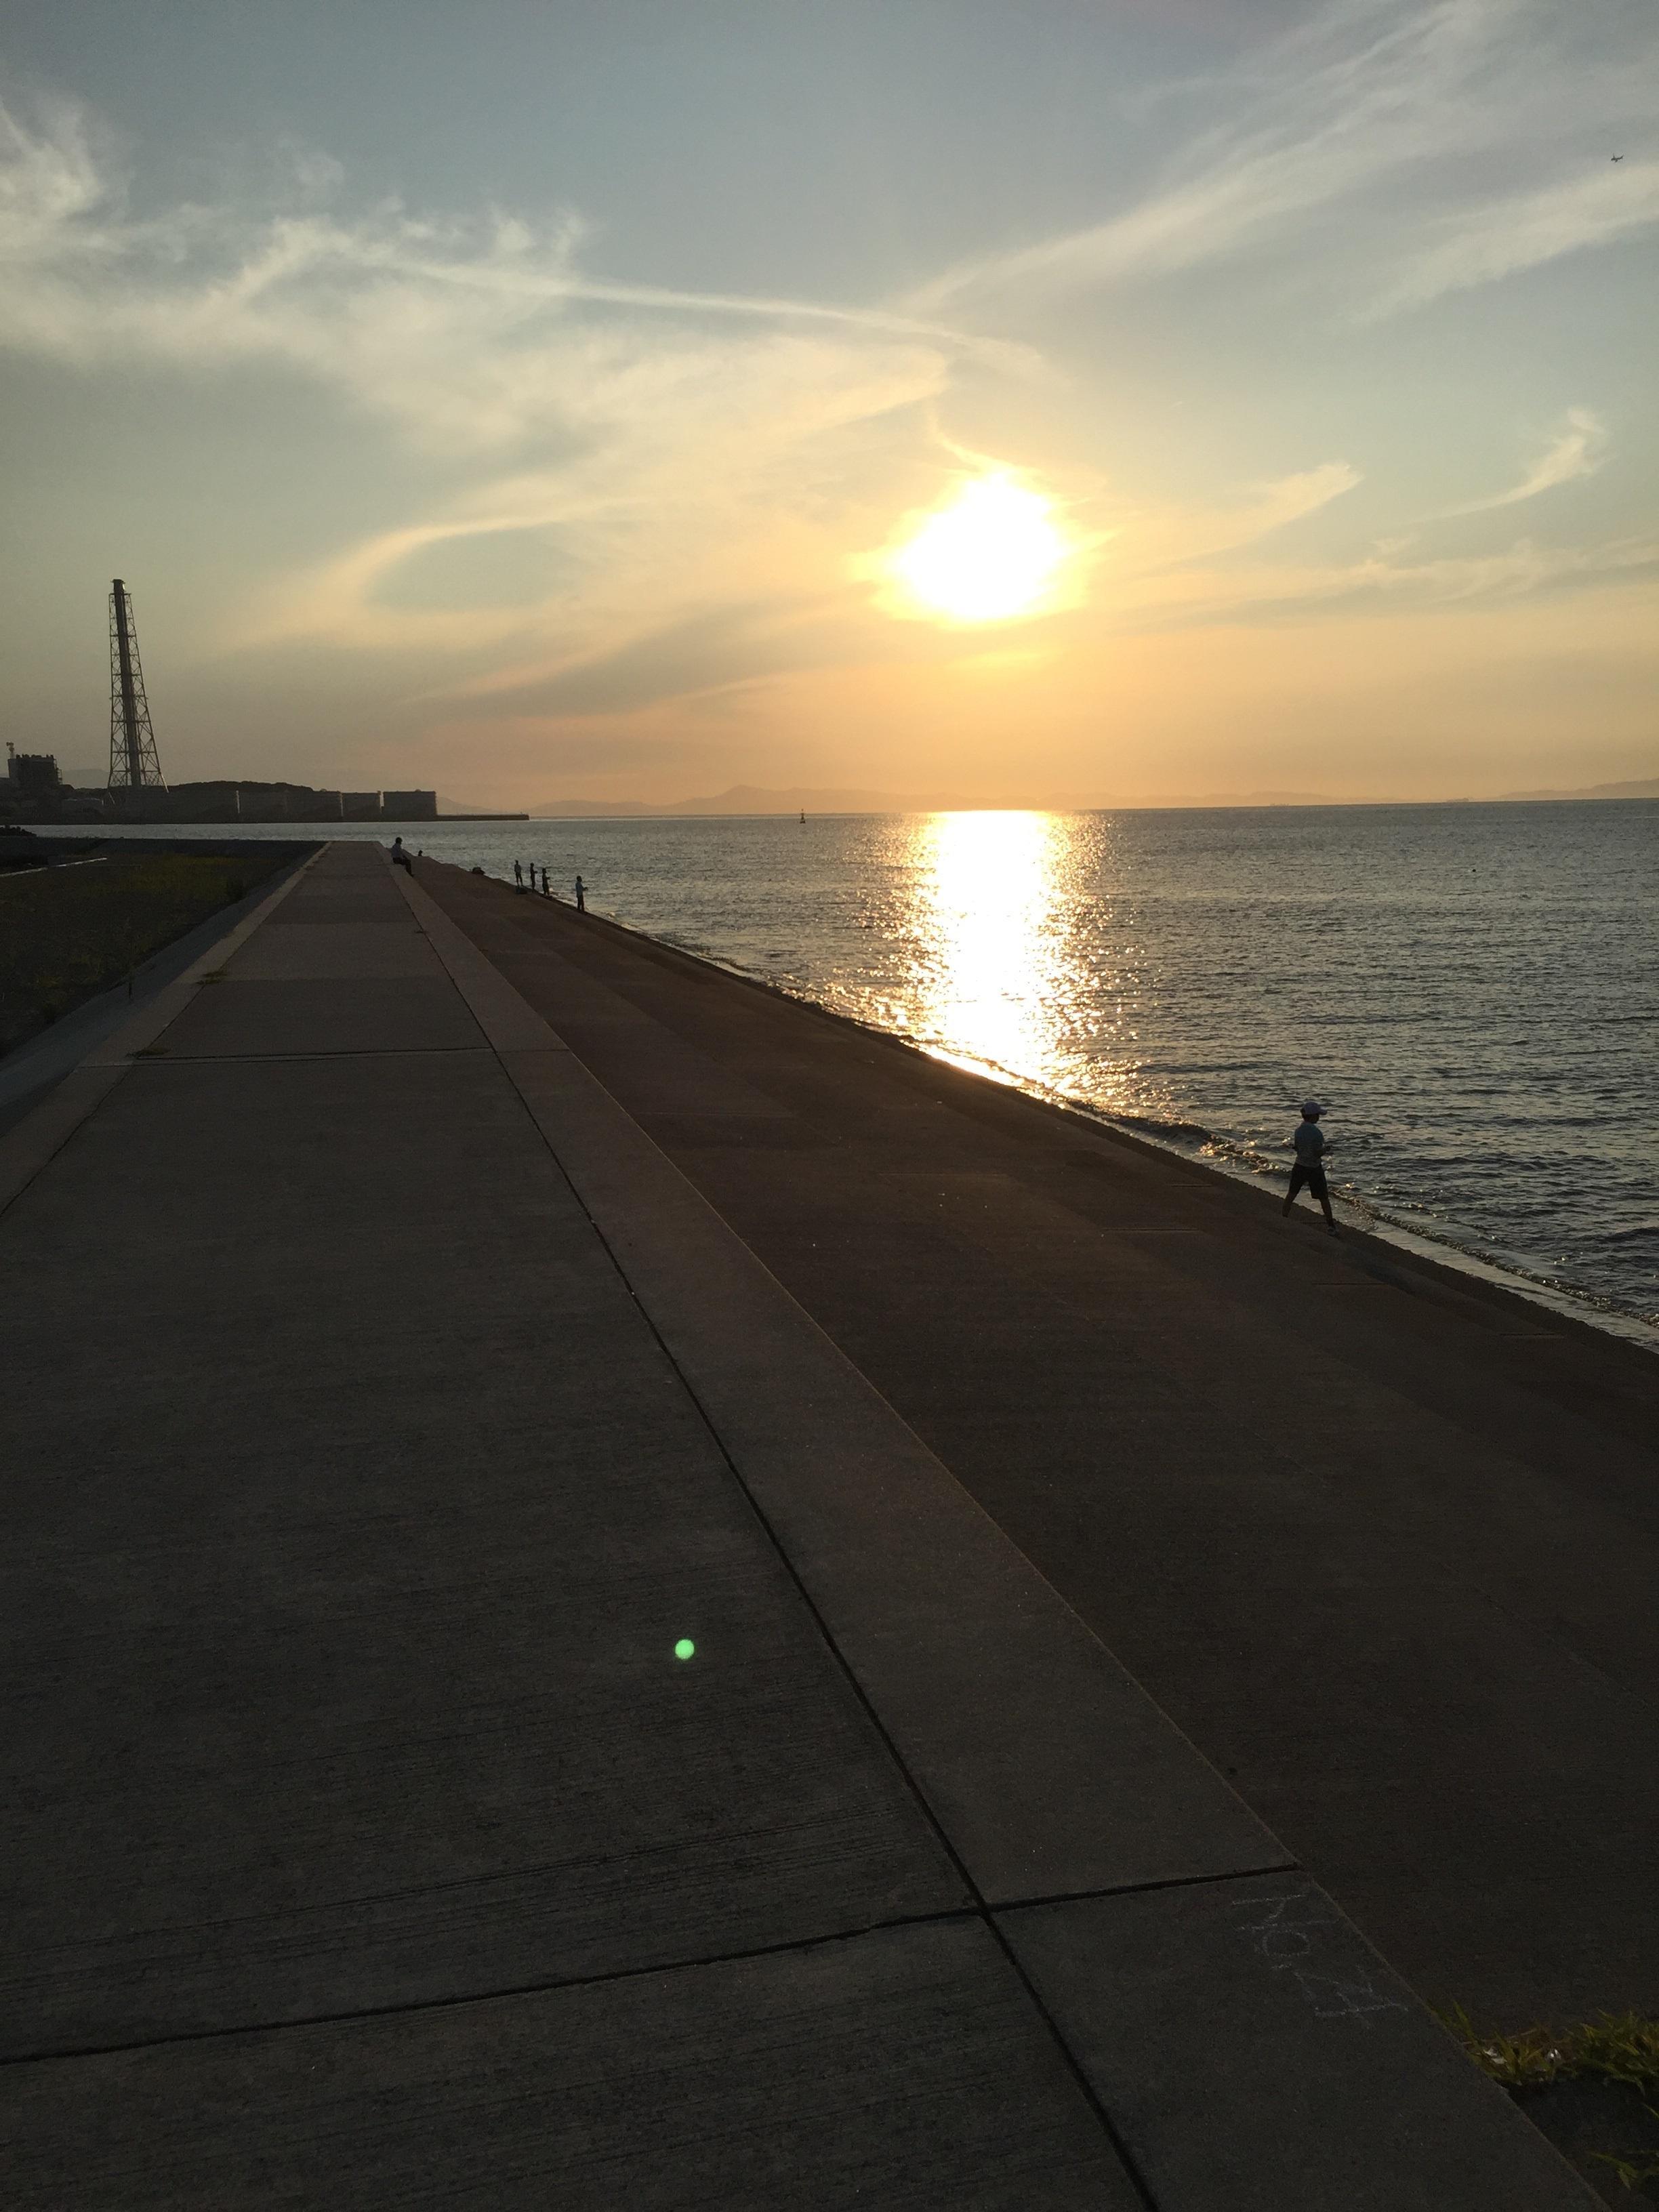 深日港の釣り場オススメポイント紹介、大阪泉南で春~秋イカ狙いのエギングにオススメの漁港